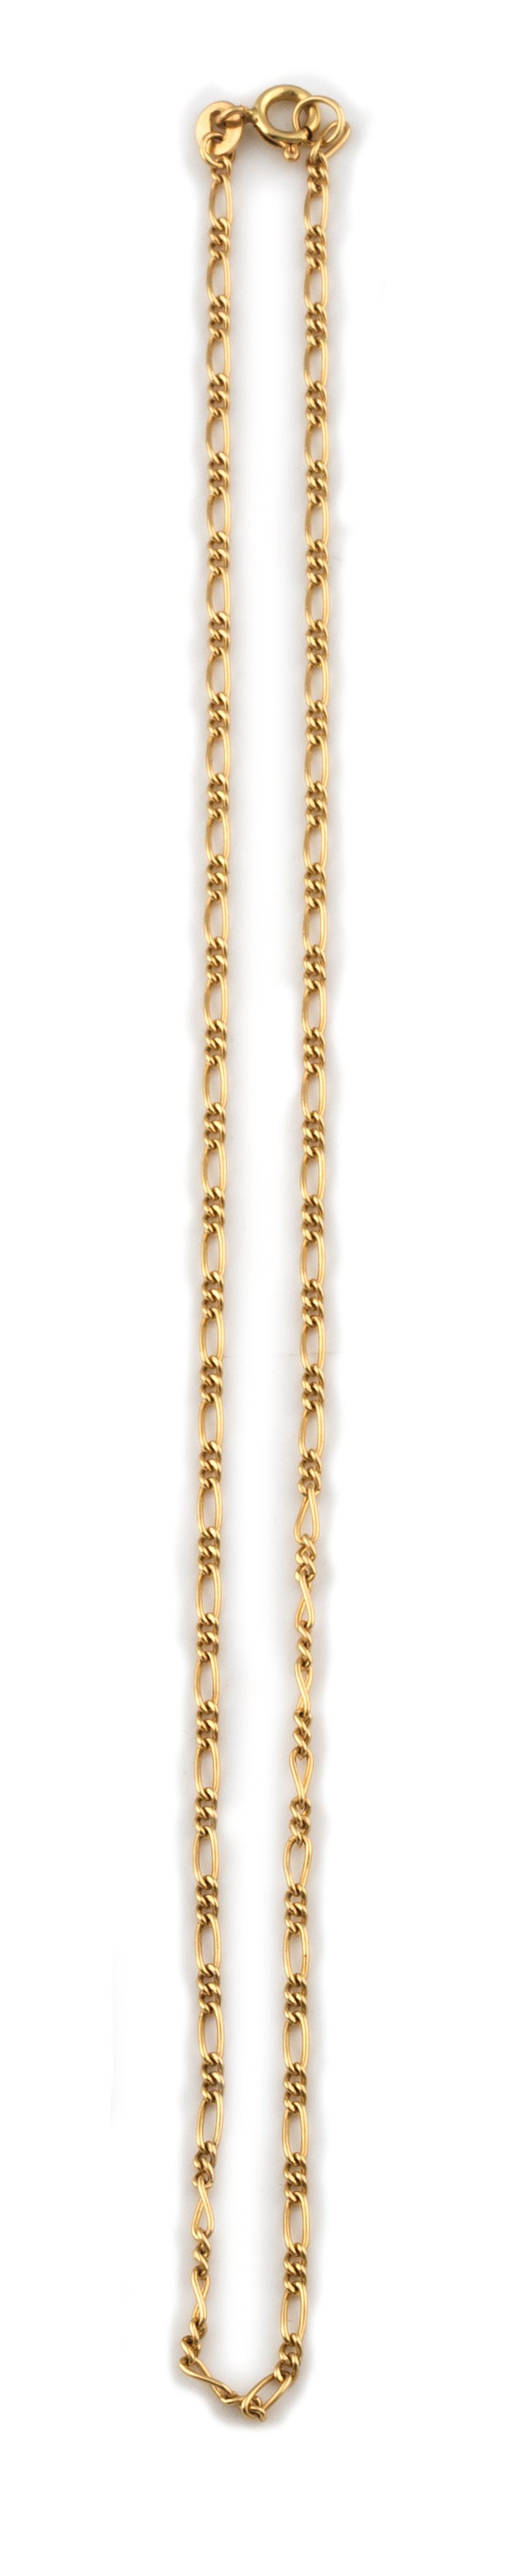 Cadena de eslabón combinado en oro de 18K.